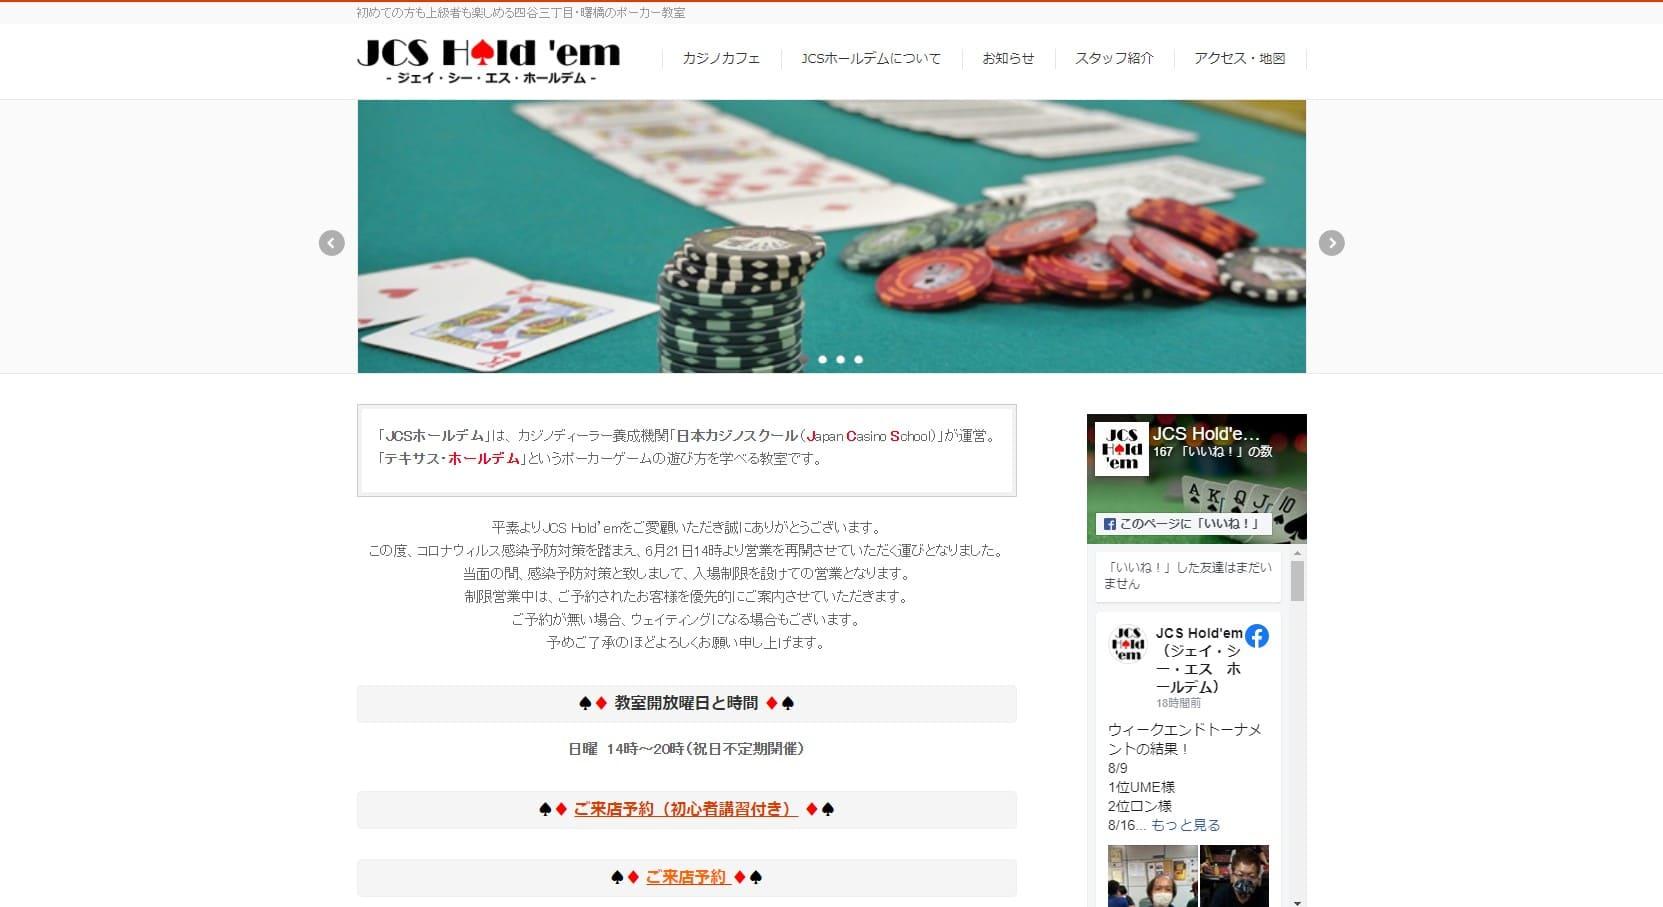 JCSホールデムウェブサイト画像。